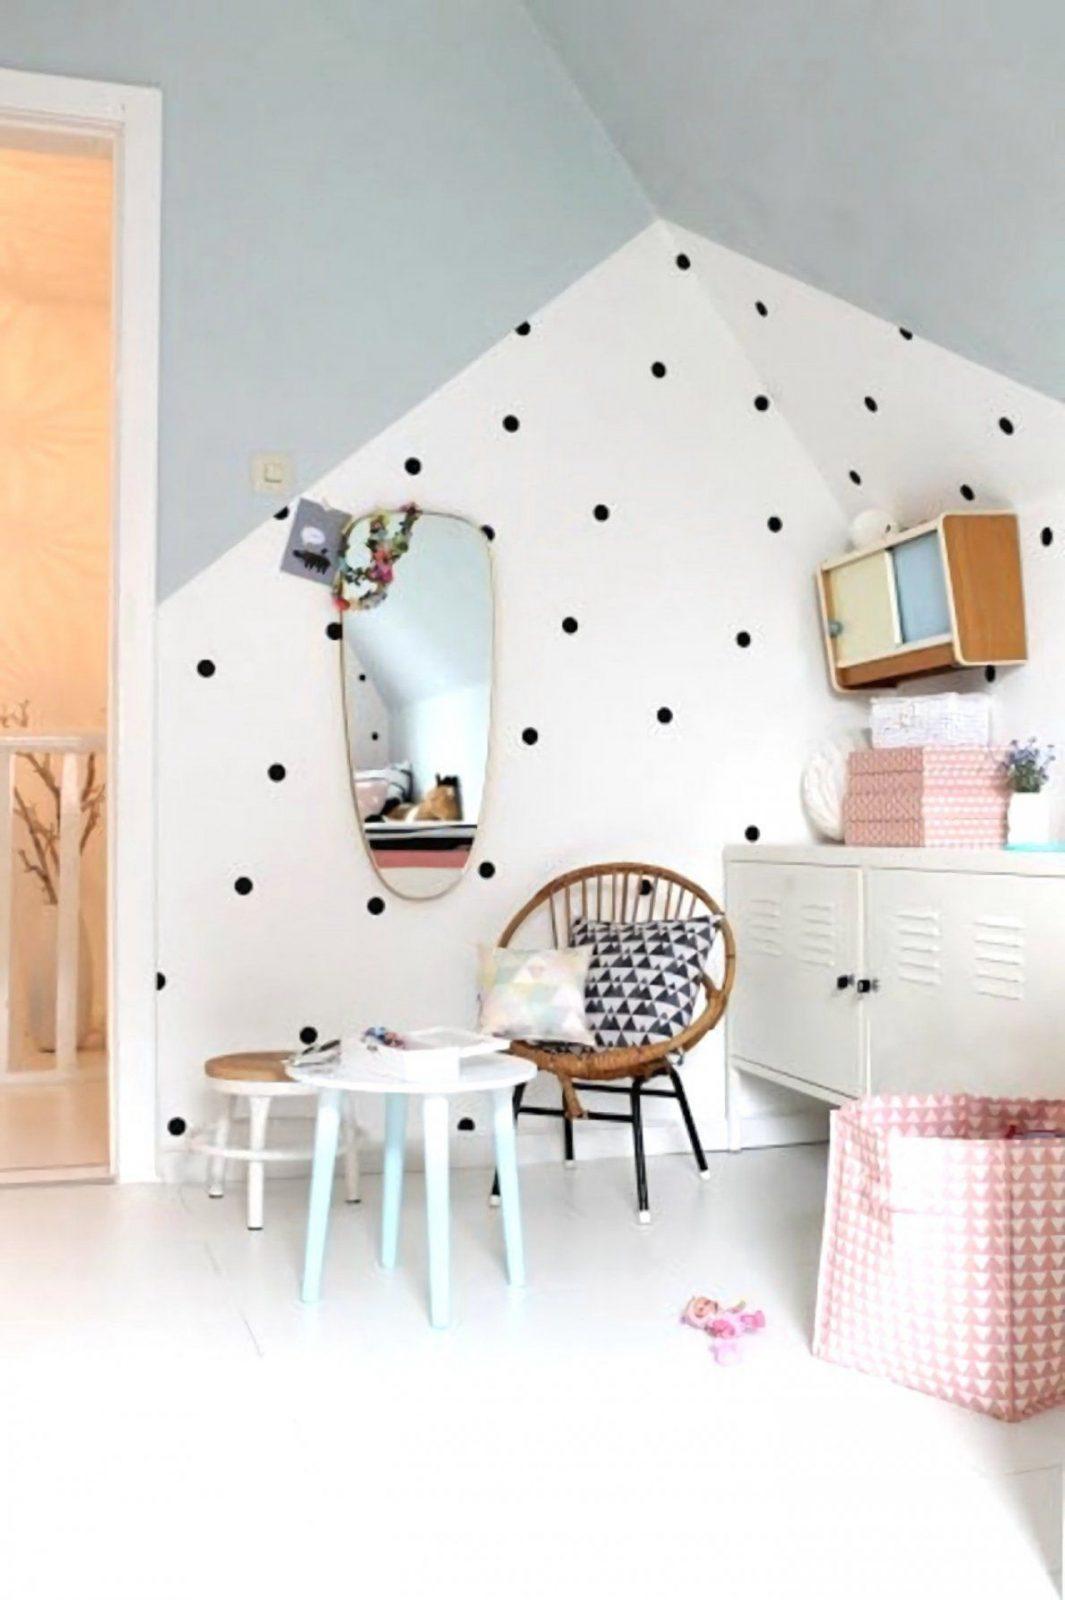 Wohnideen  Kinderzimmer Wanddeko Selber Machen Auch Schön von Wanddeko Babyzimmer Selber Machen Bild